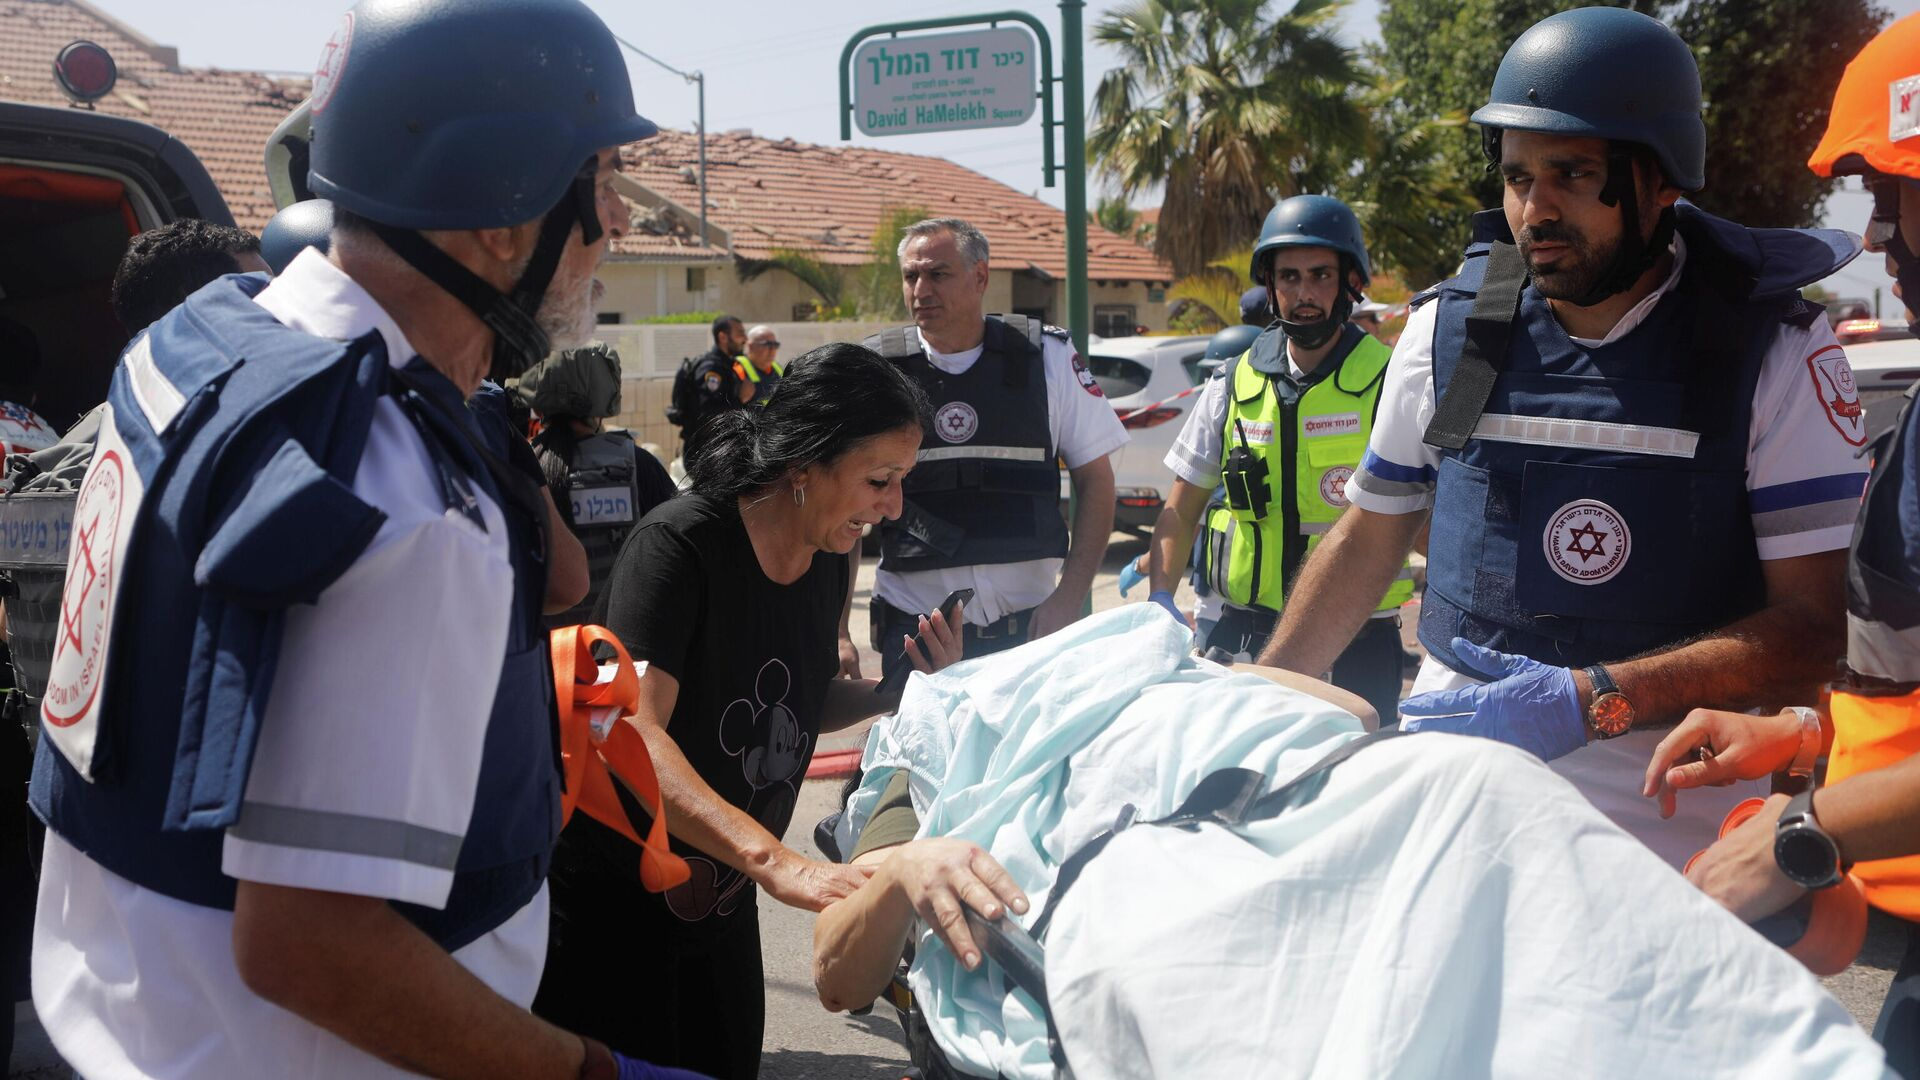 Los médicos evacuan a una persona herida después de que un cohete lanzado desde la Franja de Gaza golpeara una casa en Ashkelon, Israel - Sputnik Mundo, 1920, 27.05.2021